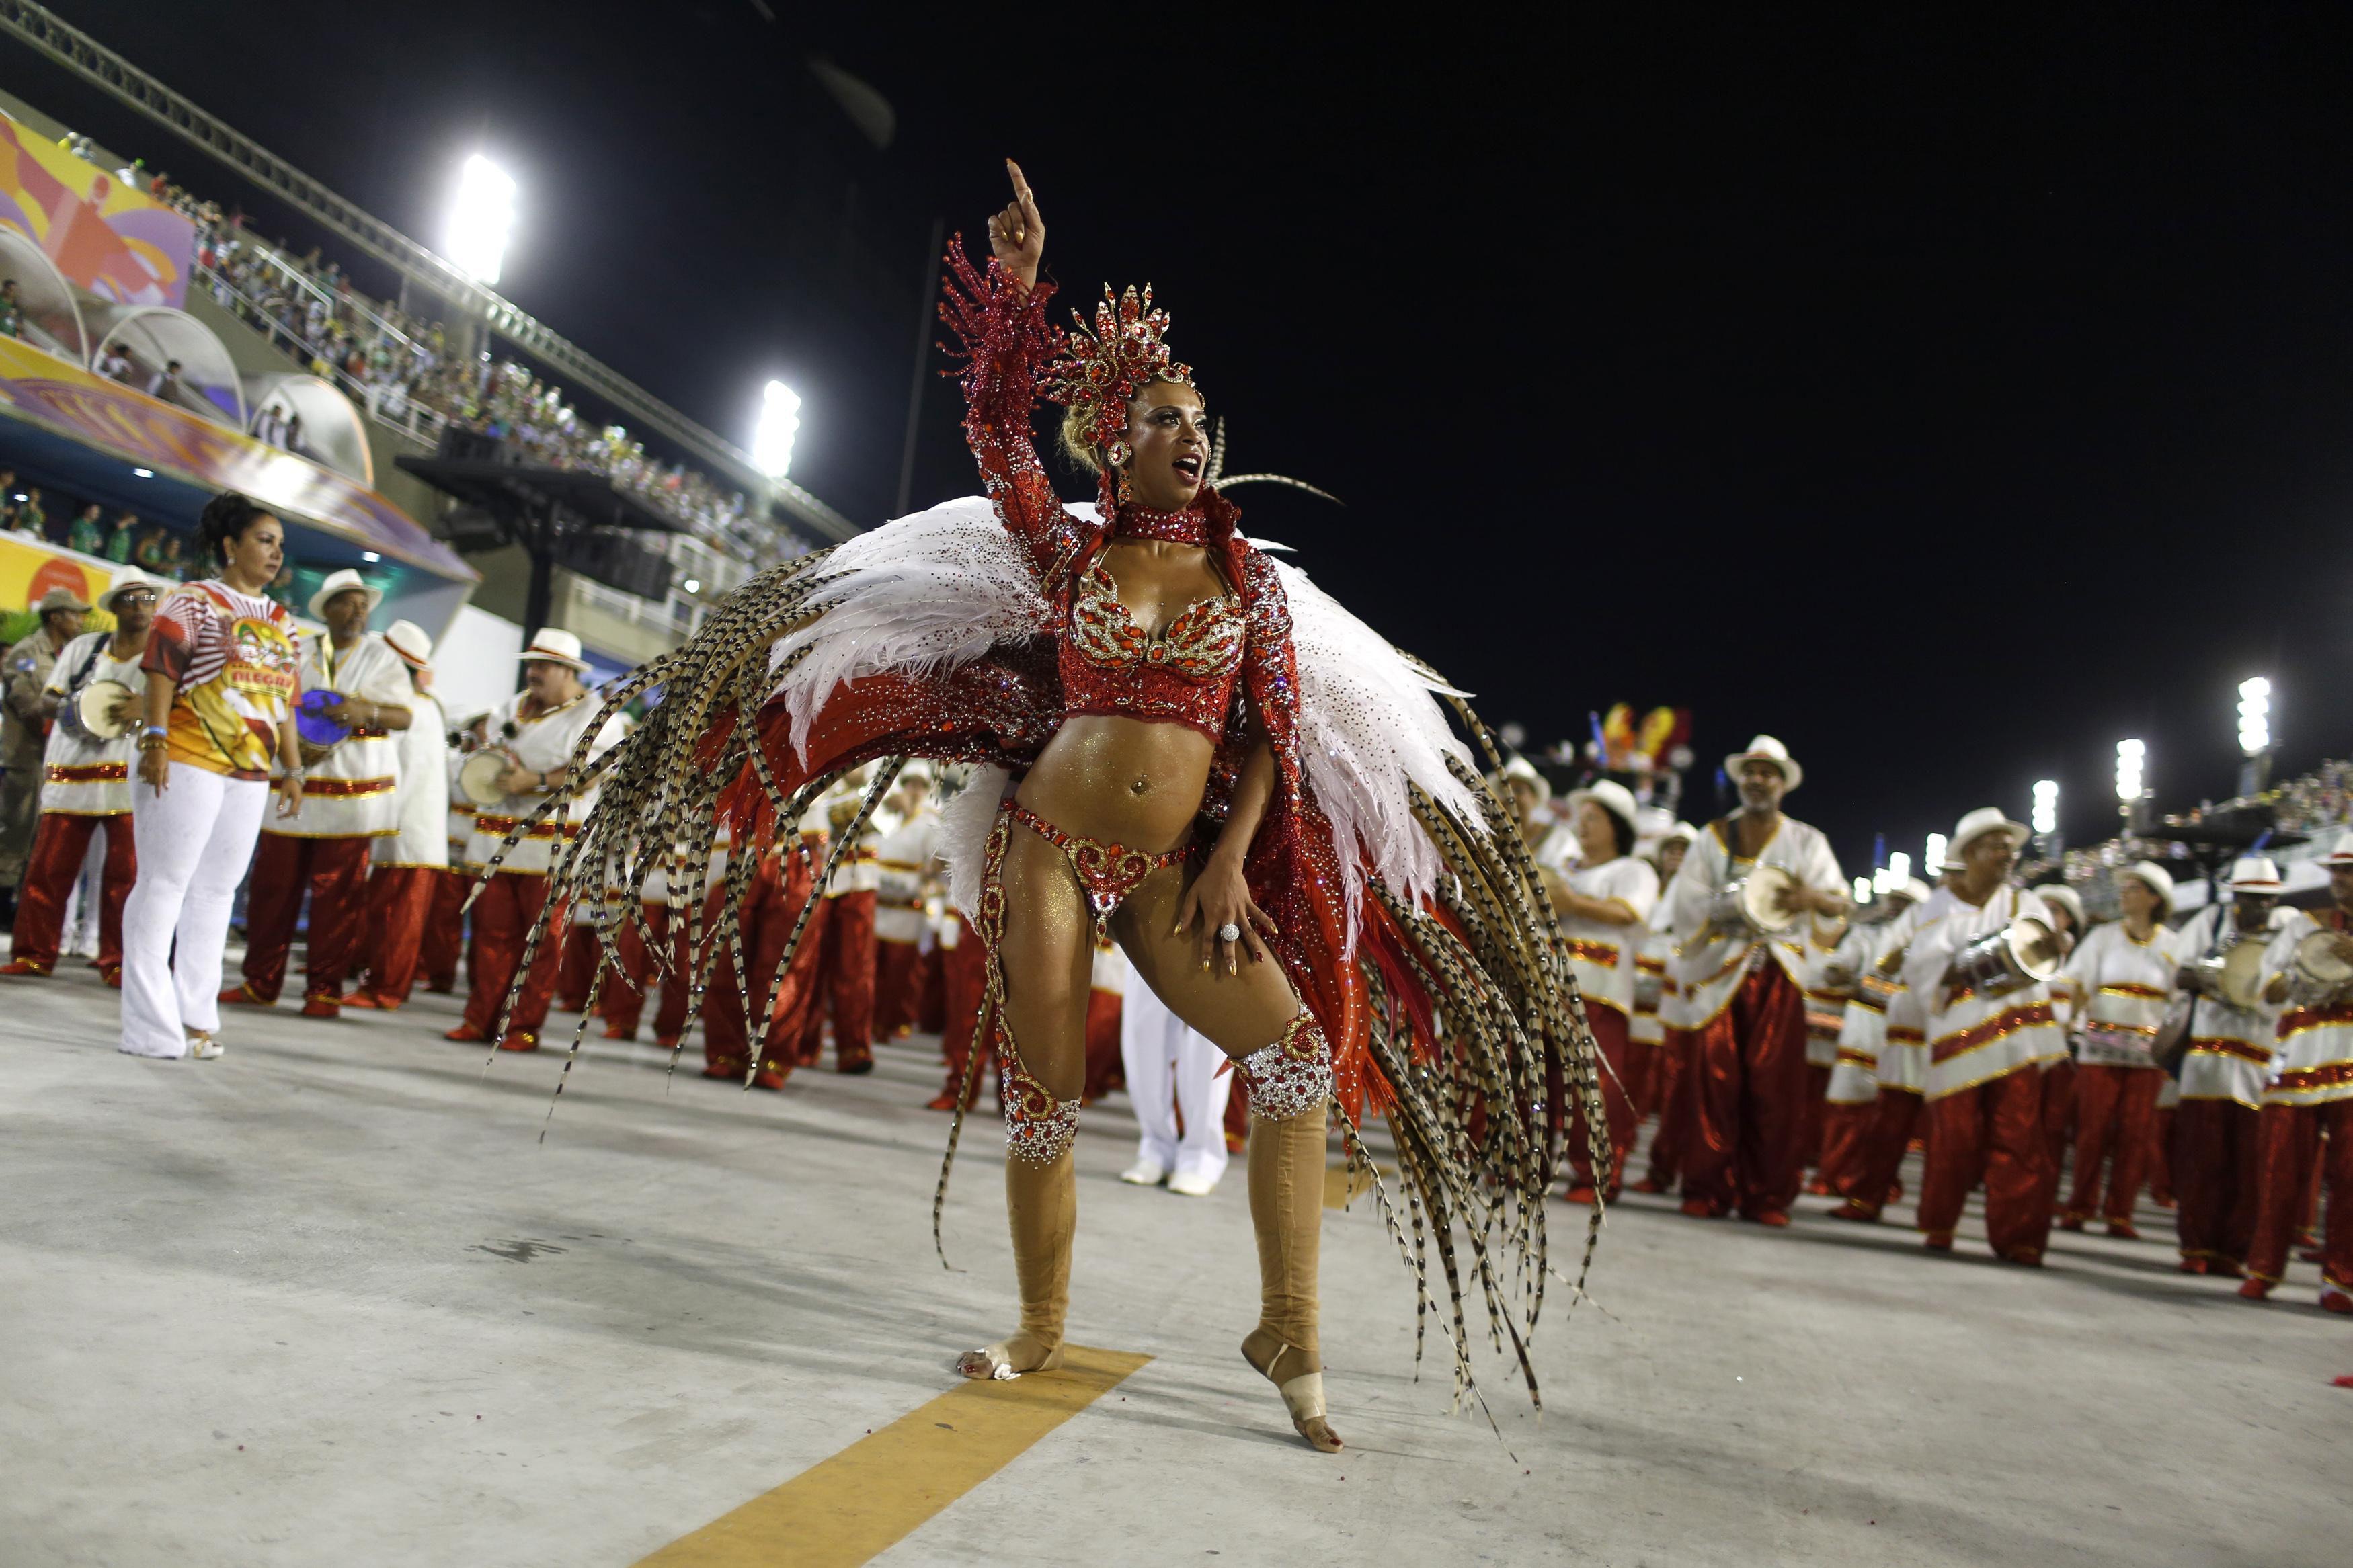 Deslumbrante. La puesta de la escuela Alegria da Zona Sul anoche en el sambódromo de Río de Janeiro.